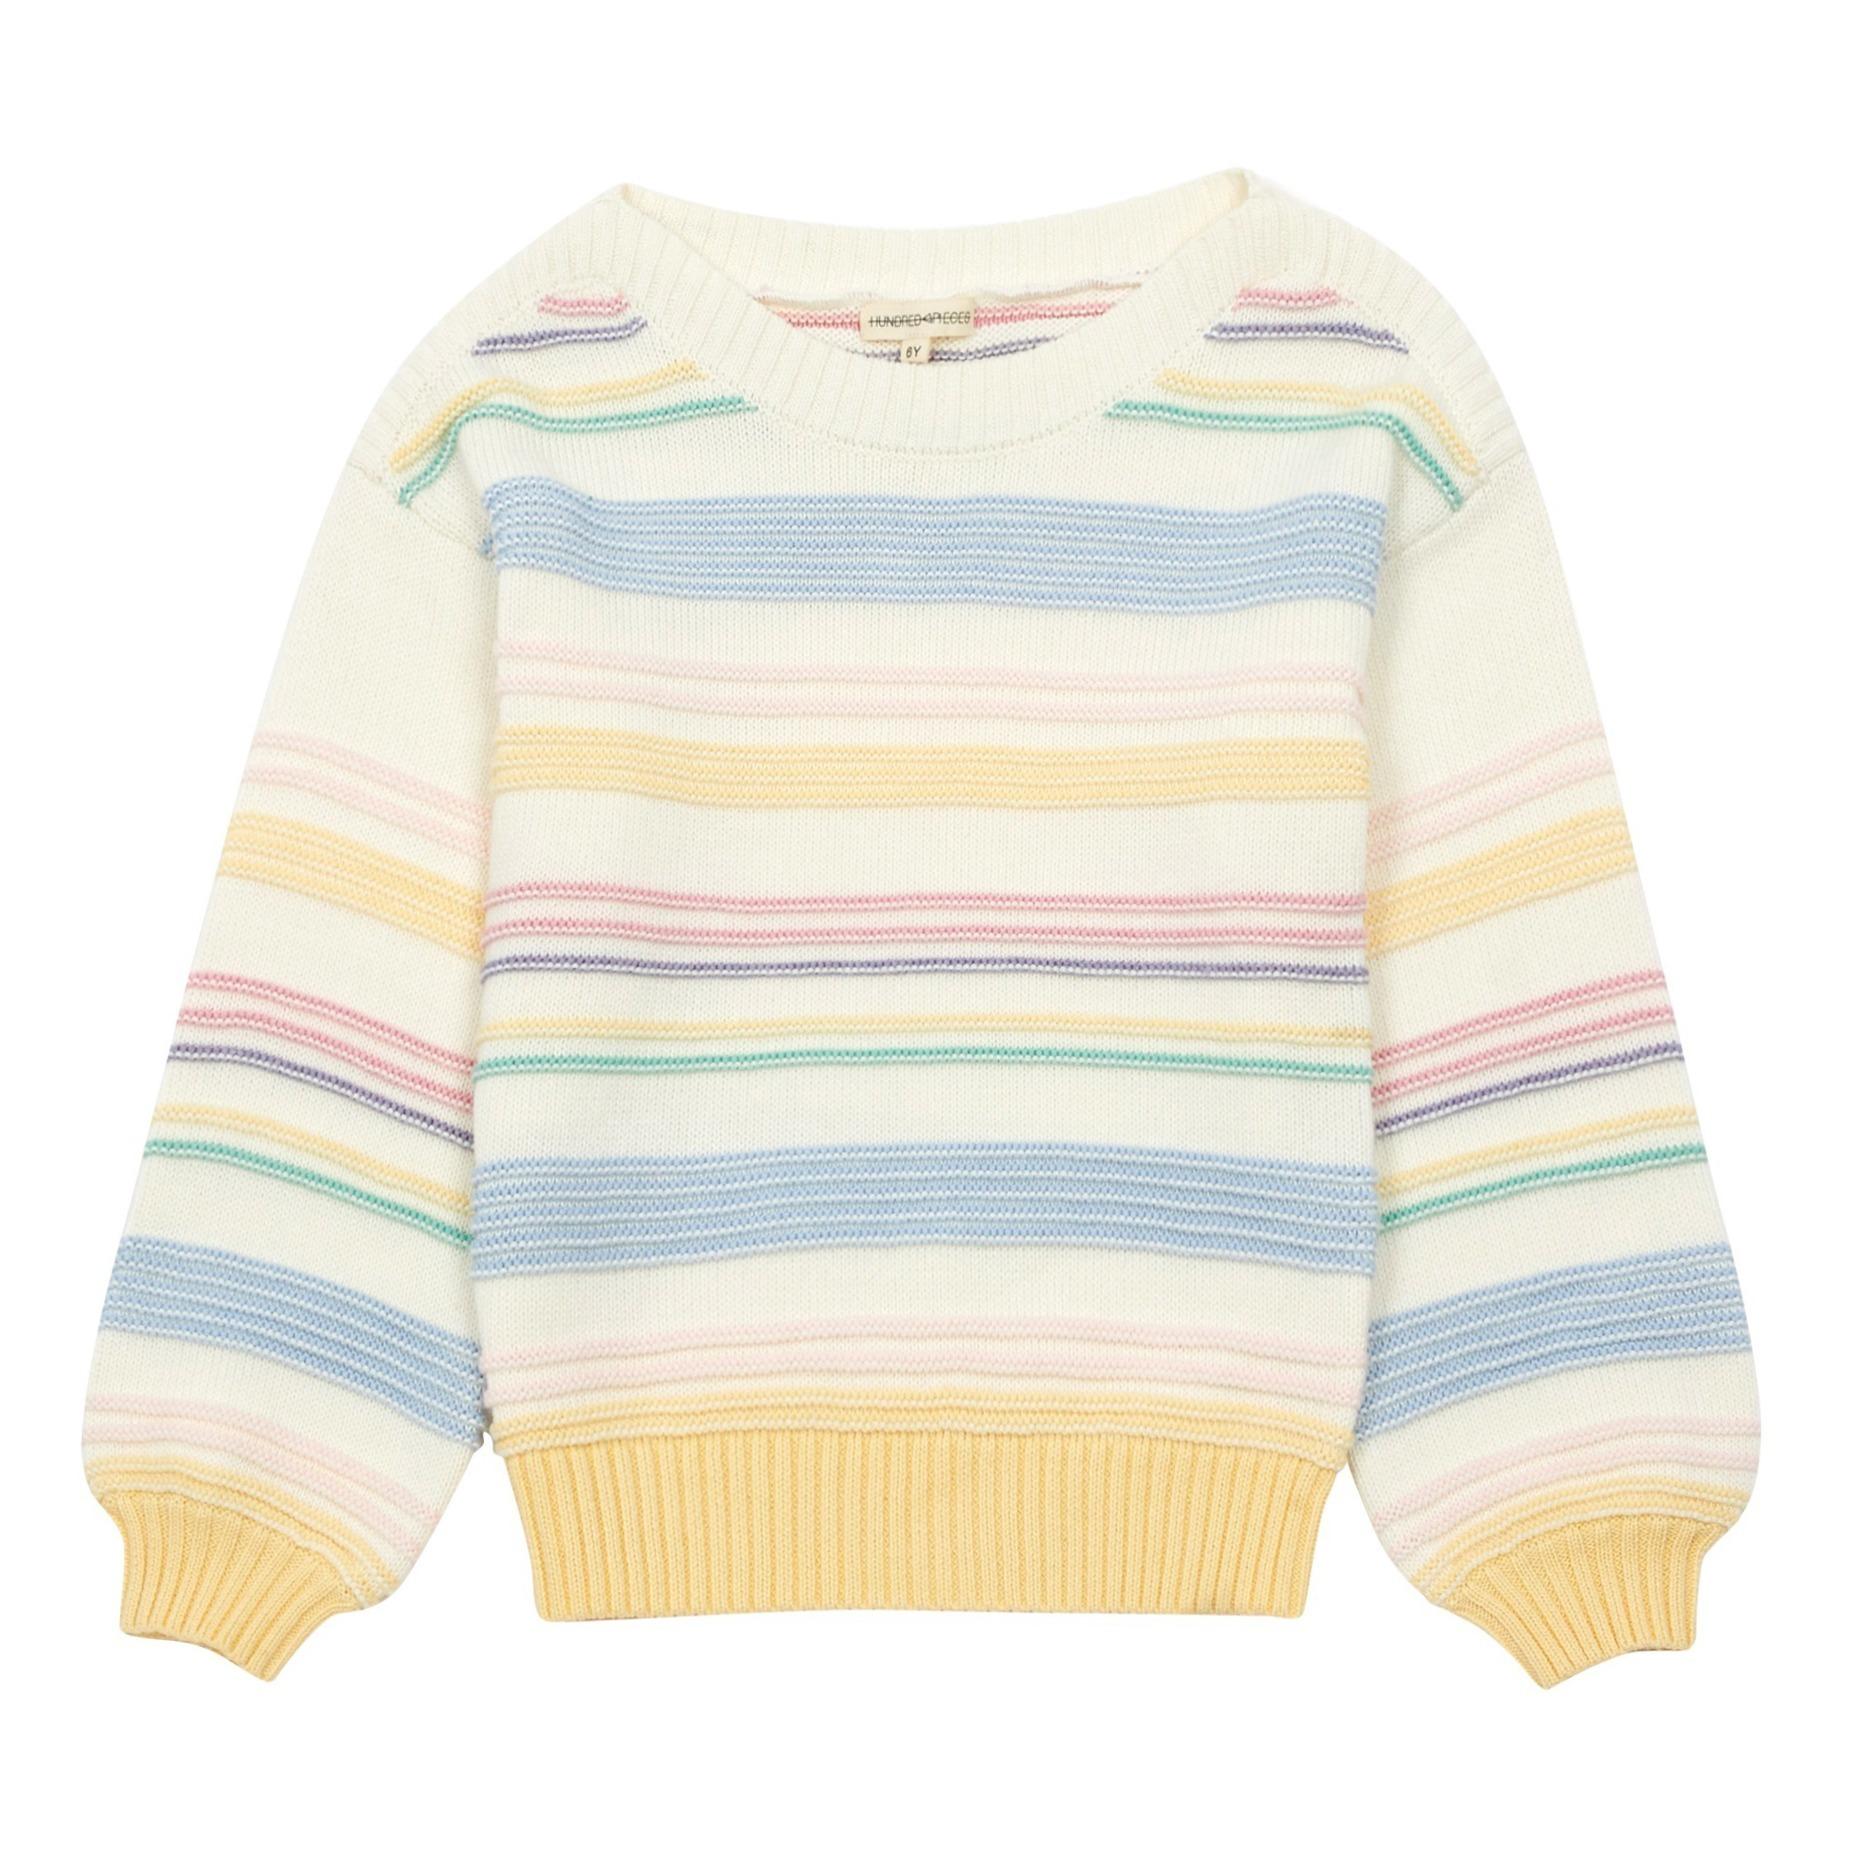 Mode Ado Le Et Jeune Meilleur Vêtements Fille Des Xwb4no0qwz oedBCxrW